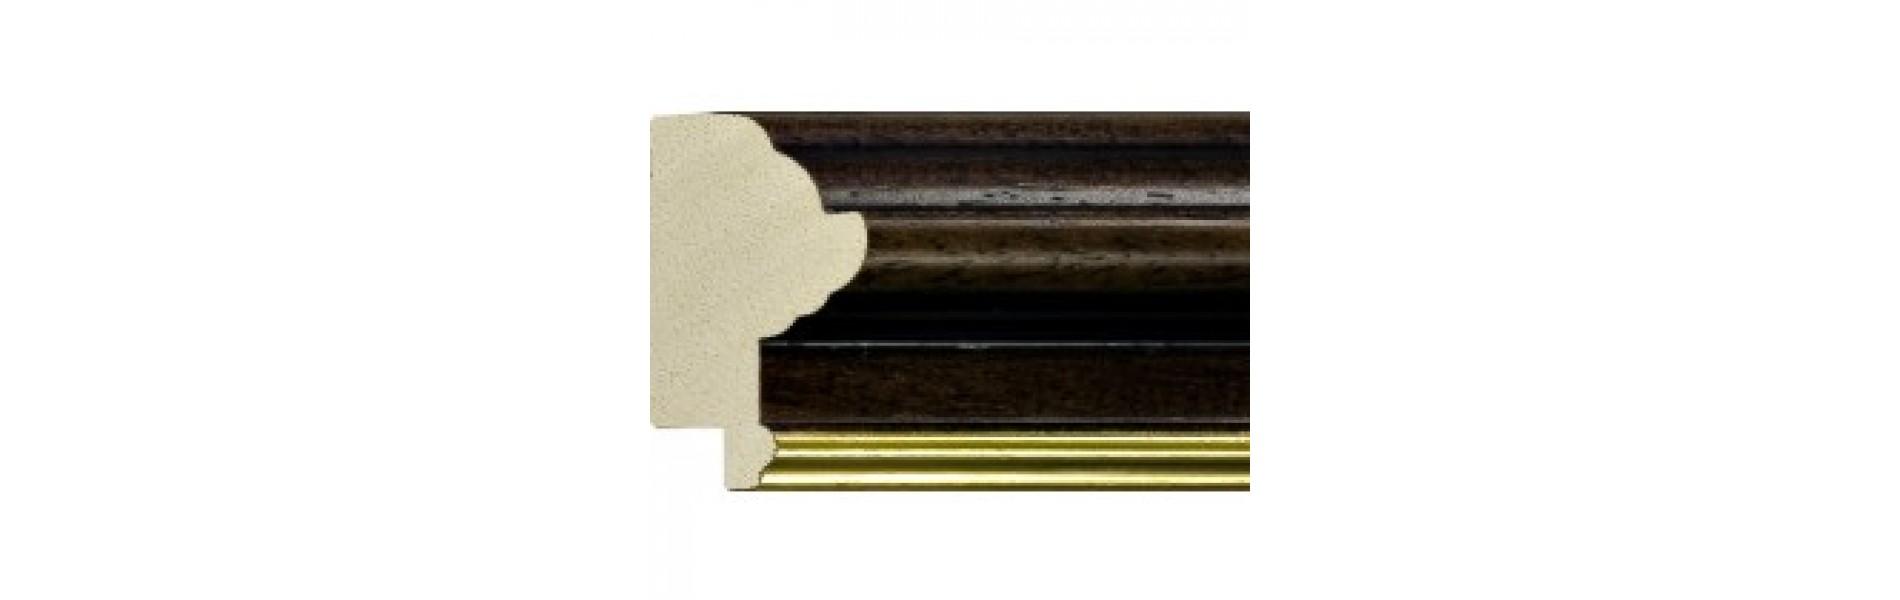 Brown & Gold Frames